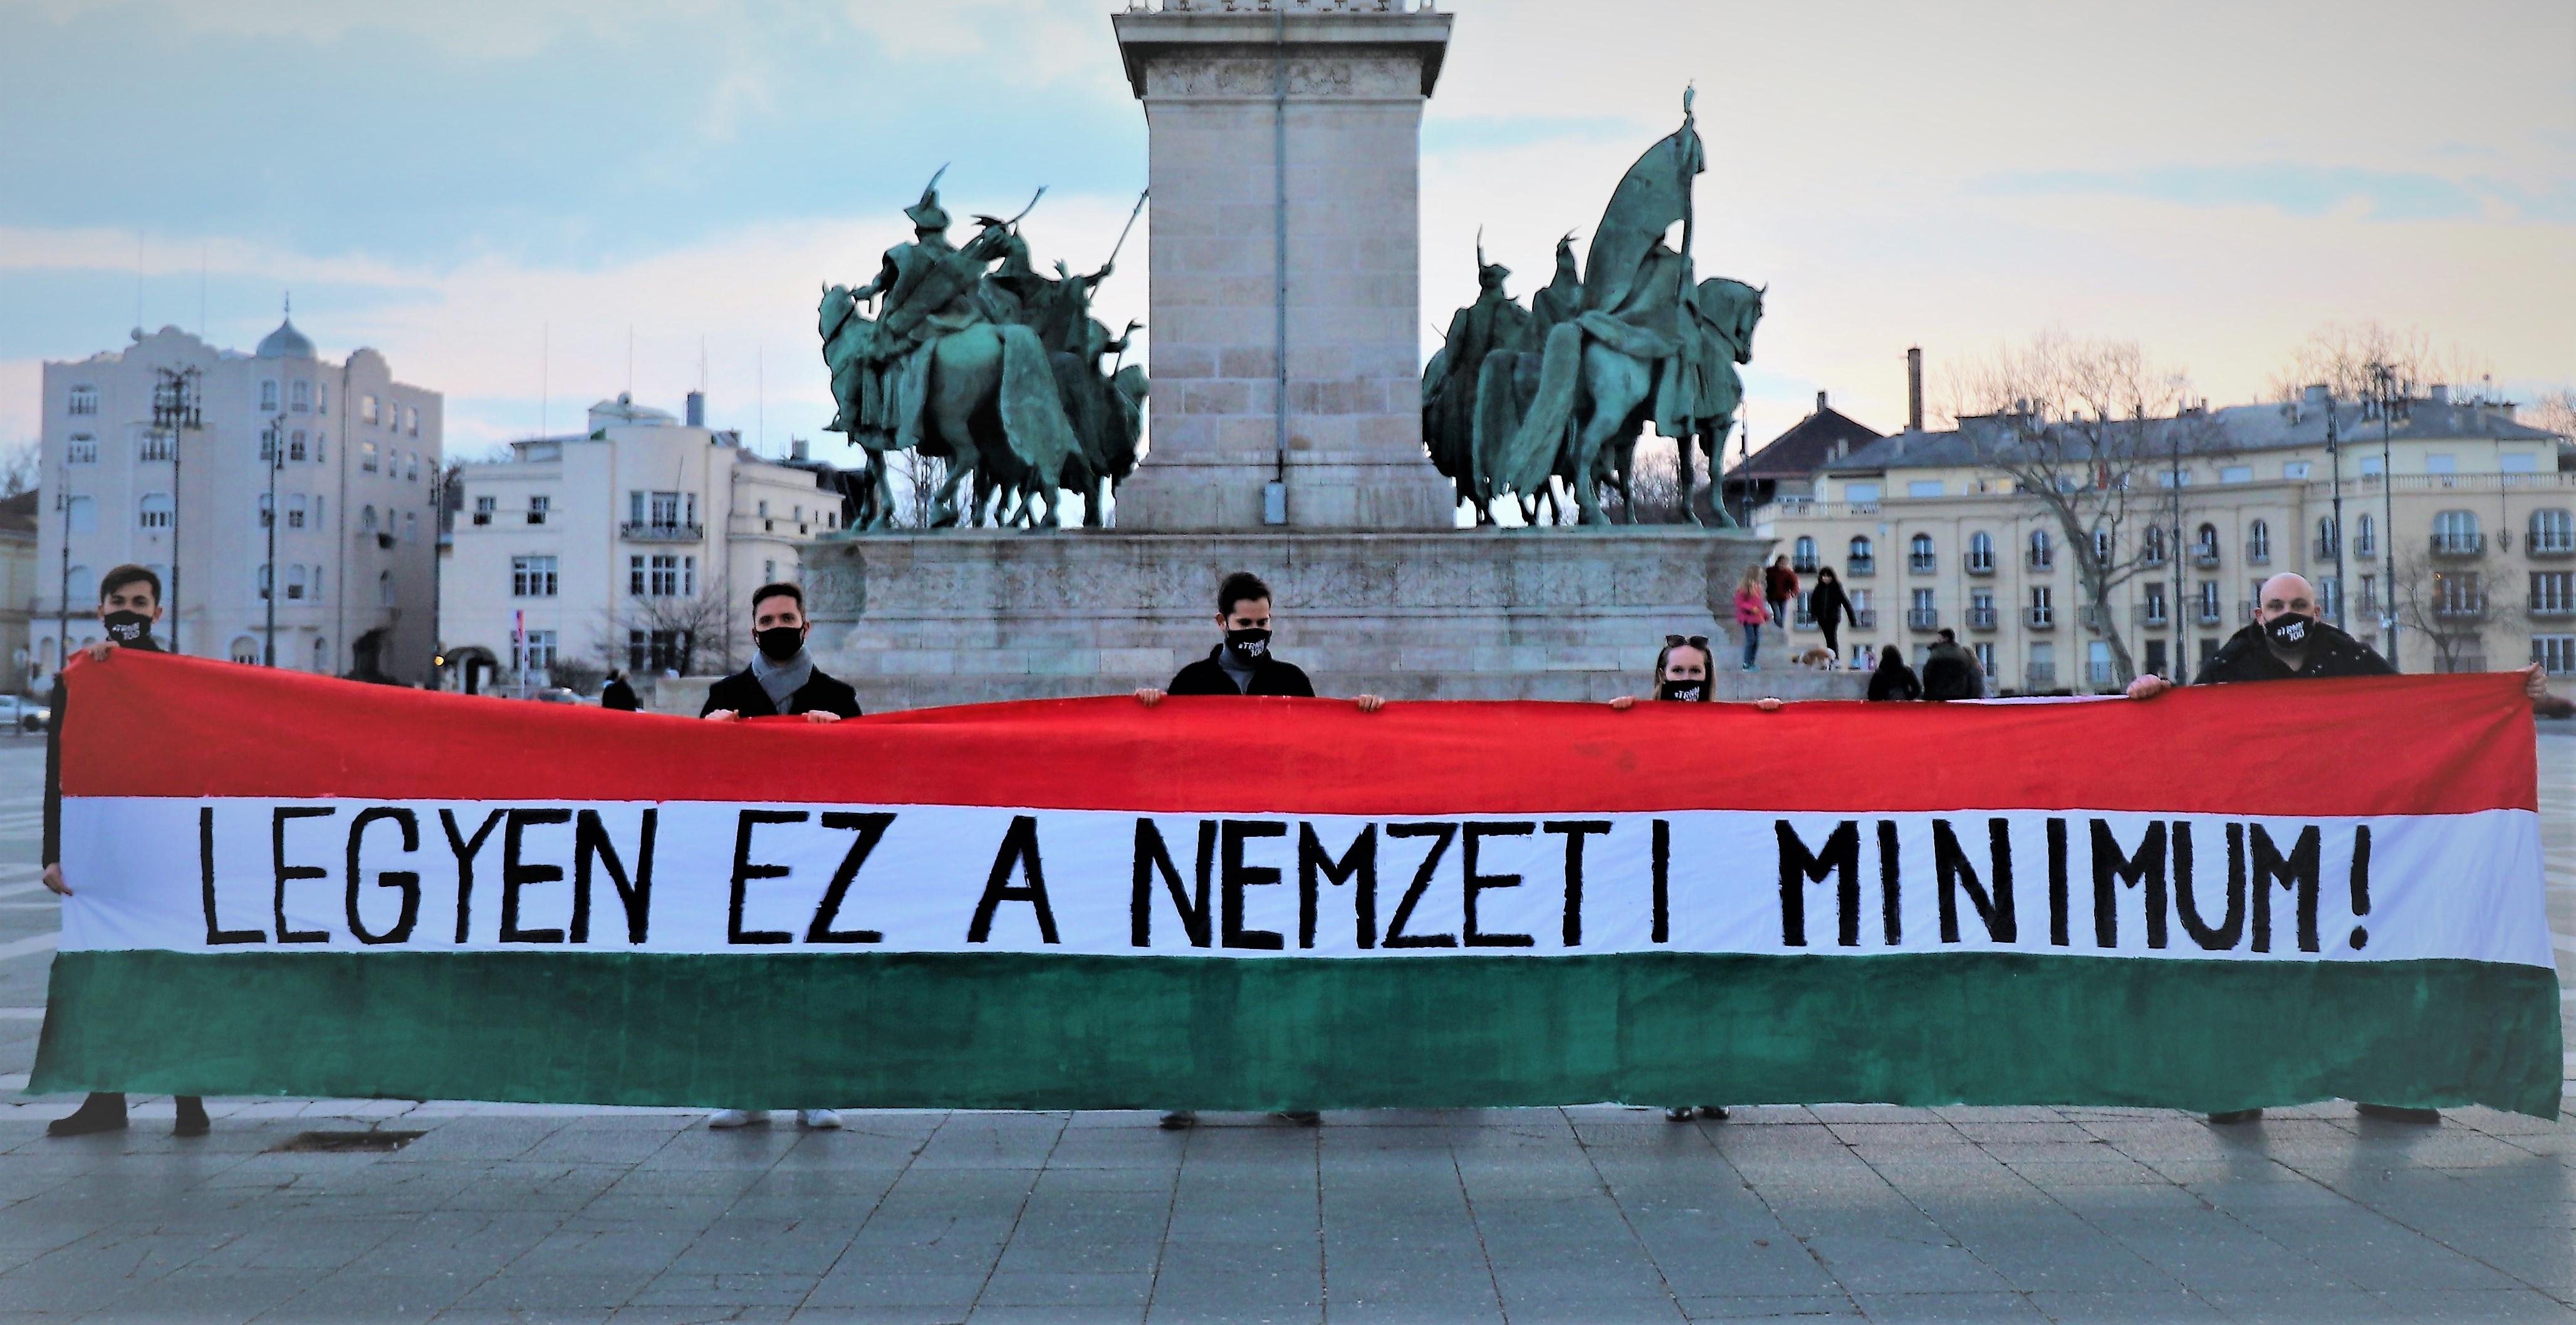 Egy fiatal csapat kampányt indított azért, hogy a határon túli magyarok ügye legyen a nemzeti minimum - videó